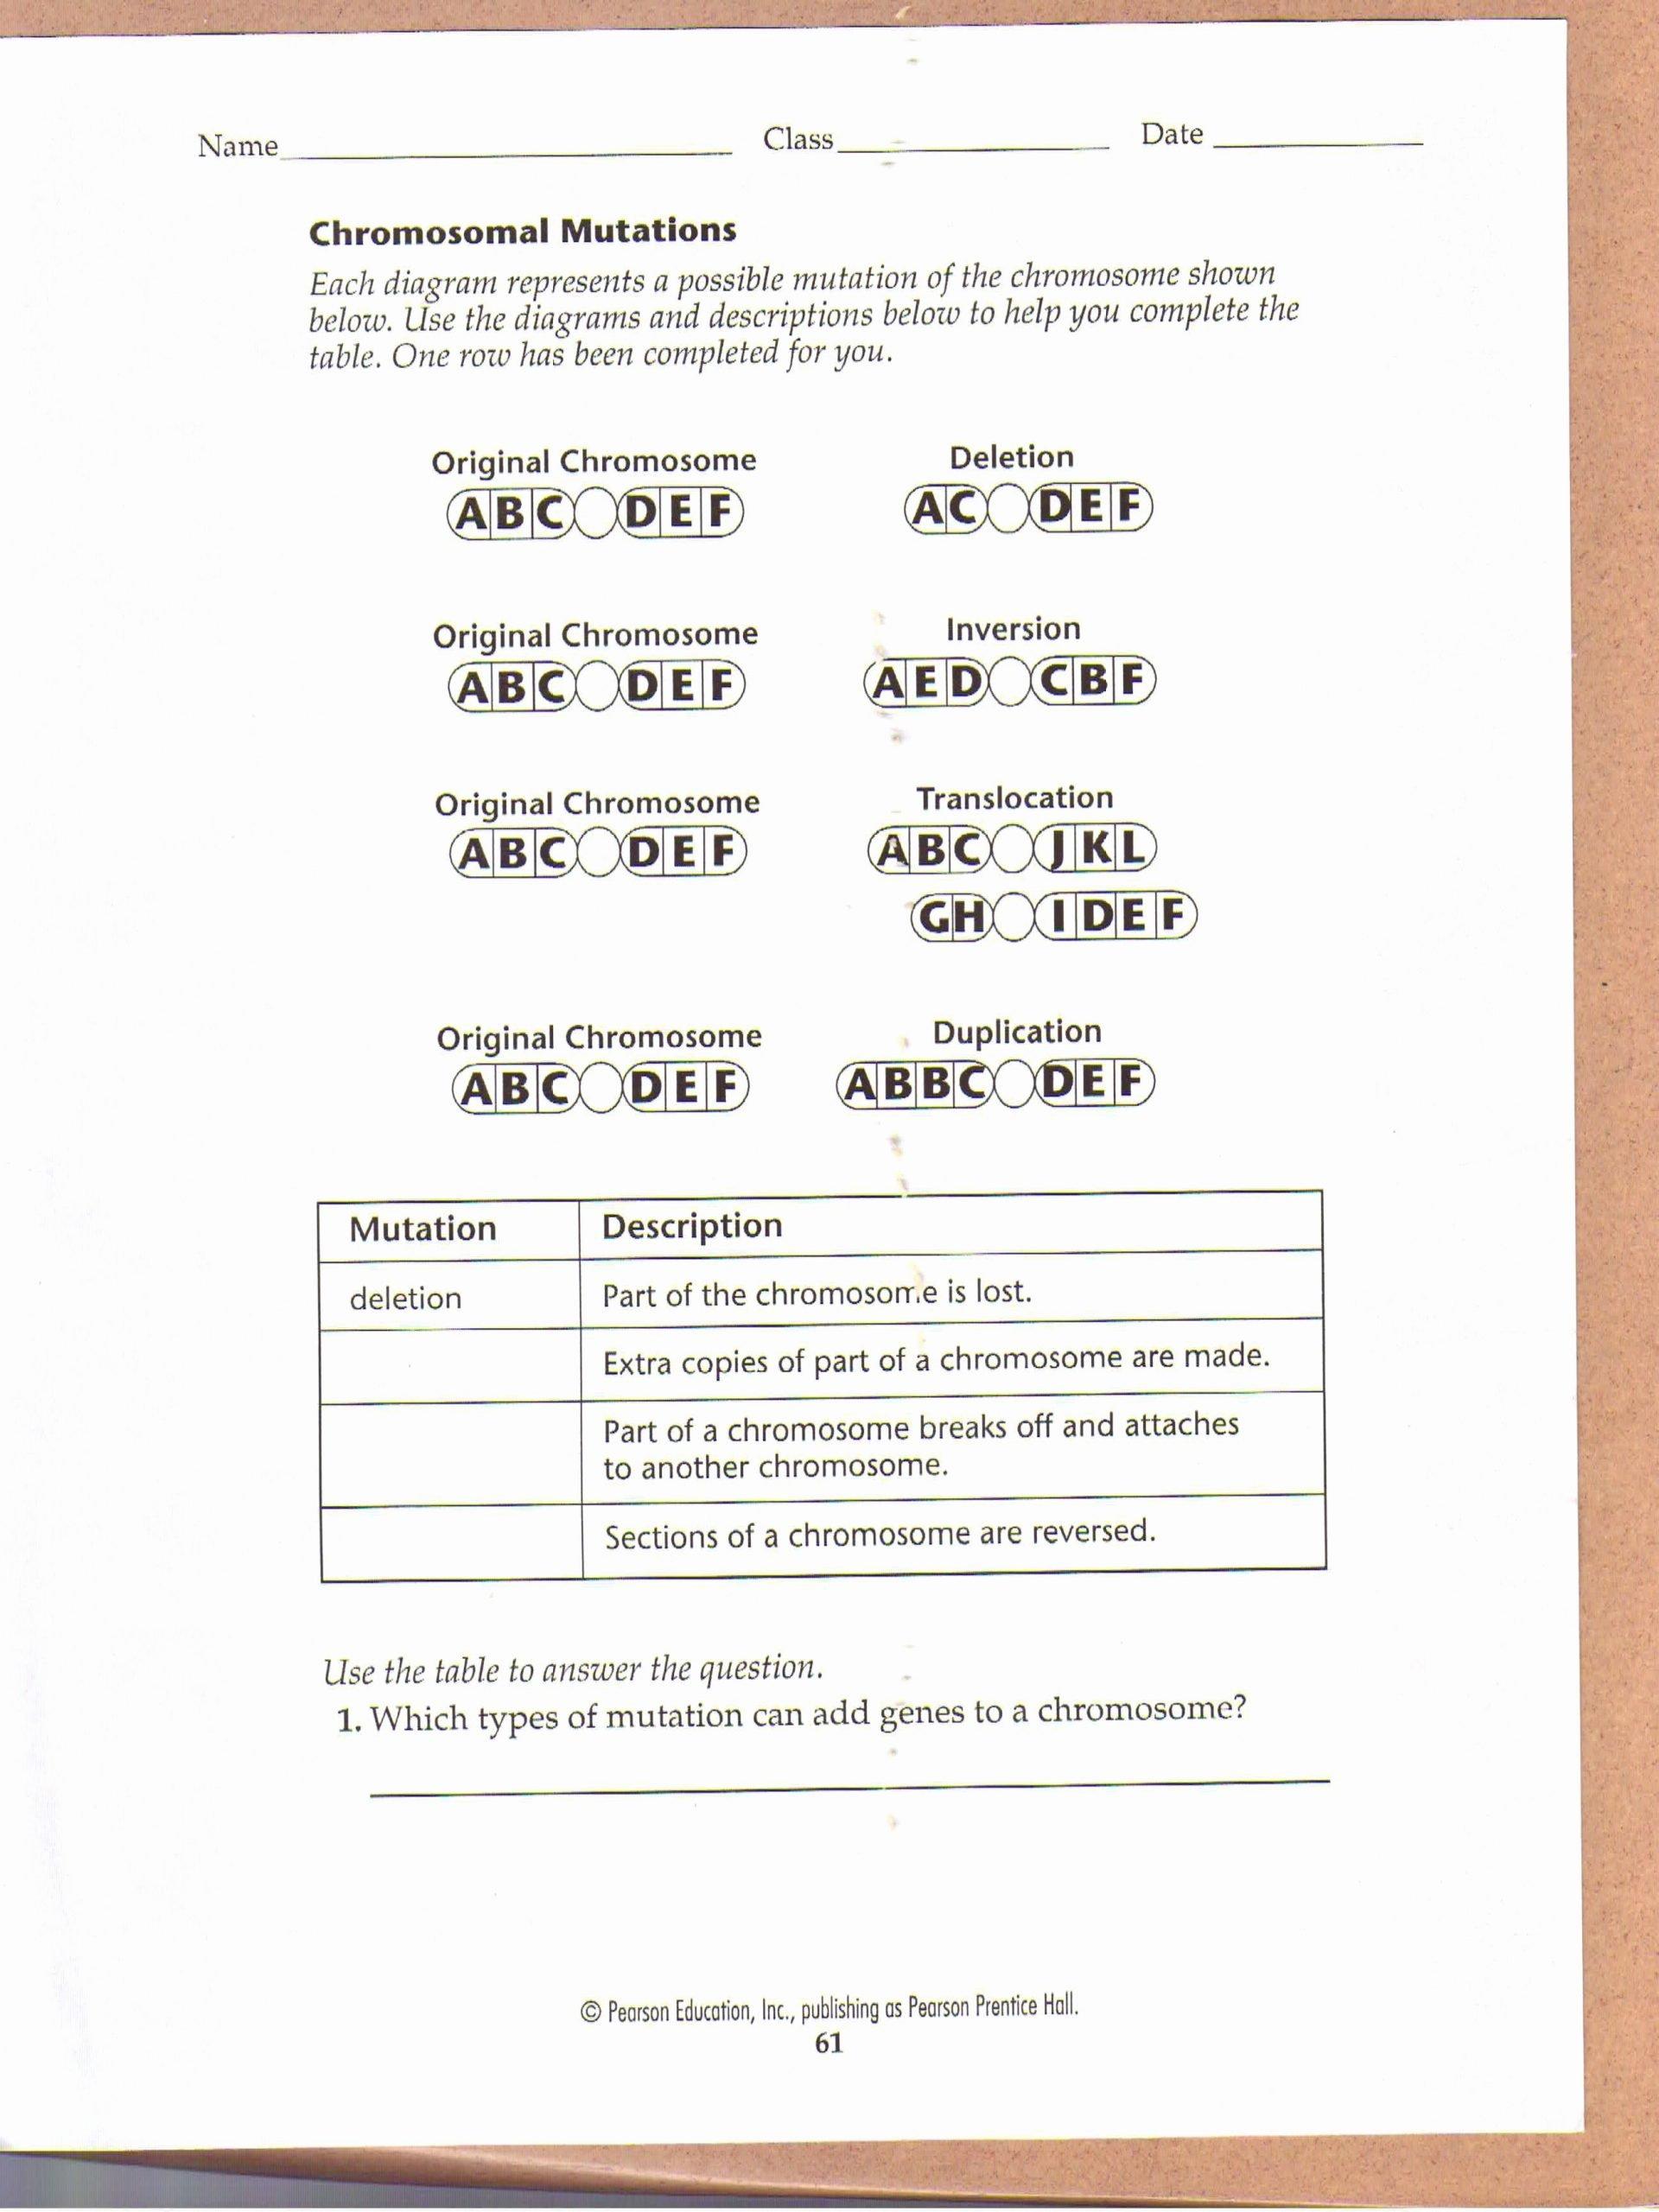 Gene and Chromosome Mutation Worksheet Inspirational Chromosomal Mutations Worksheet